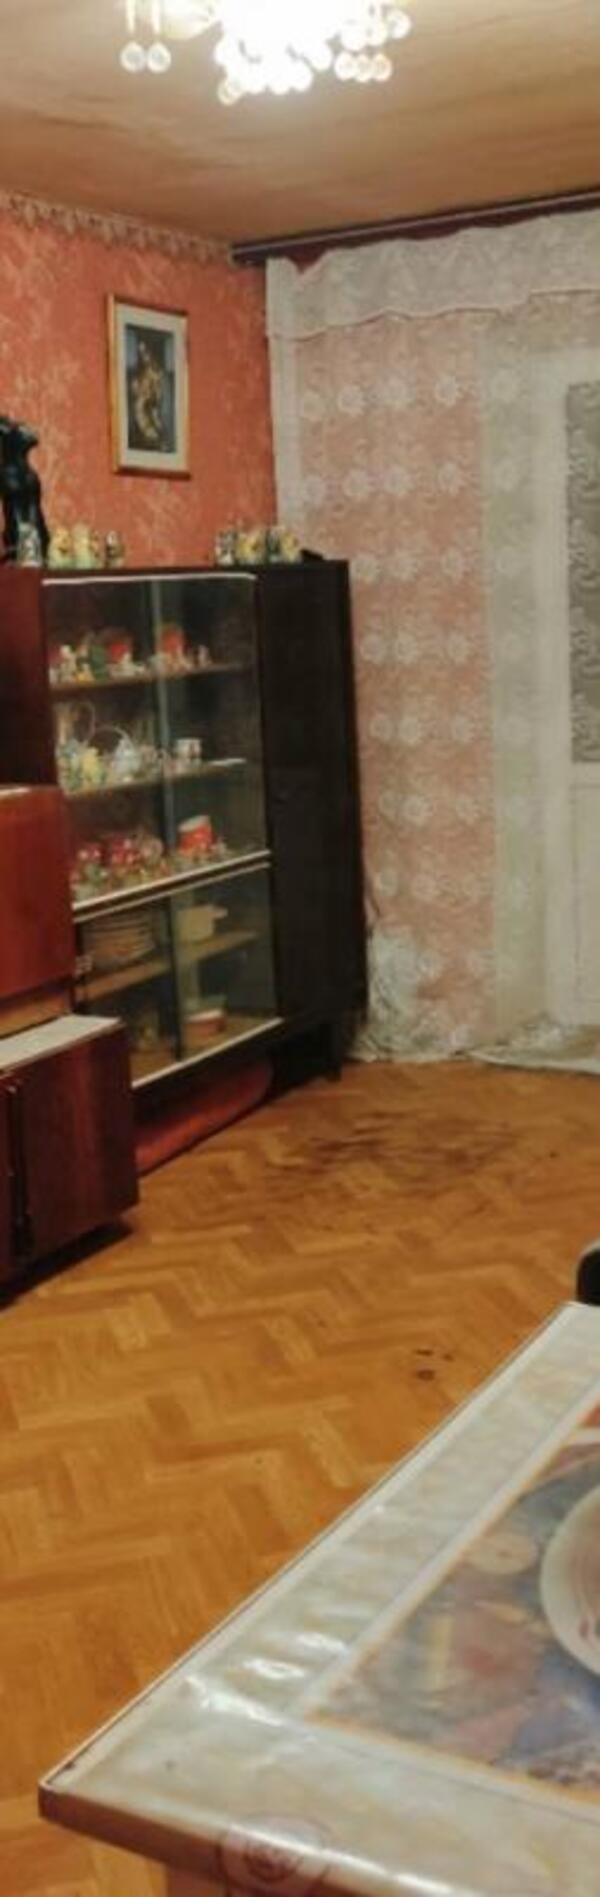 Купить 2-комнатная квартира, Харьков, Докучаевское, Докучаева